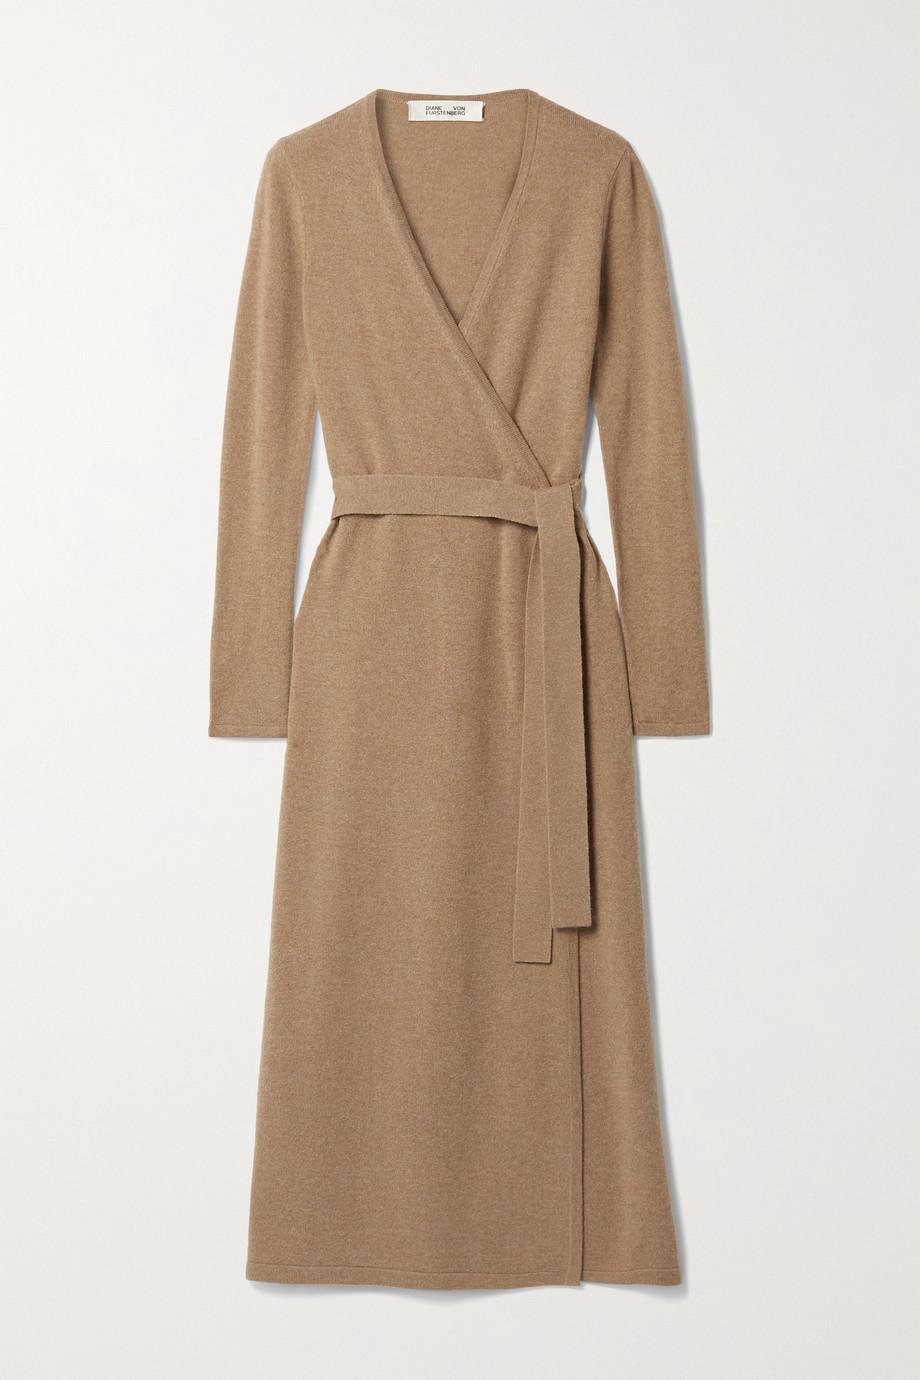 Diane von Furstenberg Astrid wool and cashmere-blend wrap dress